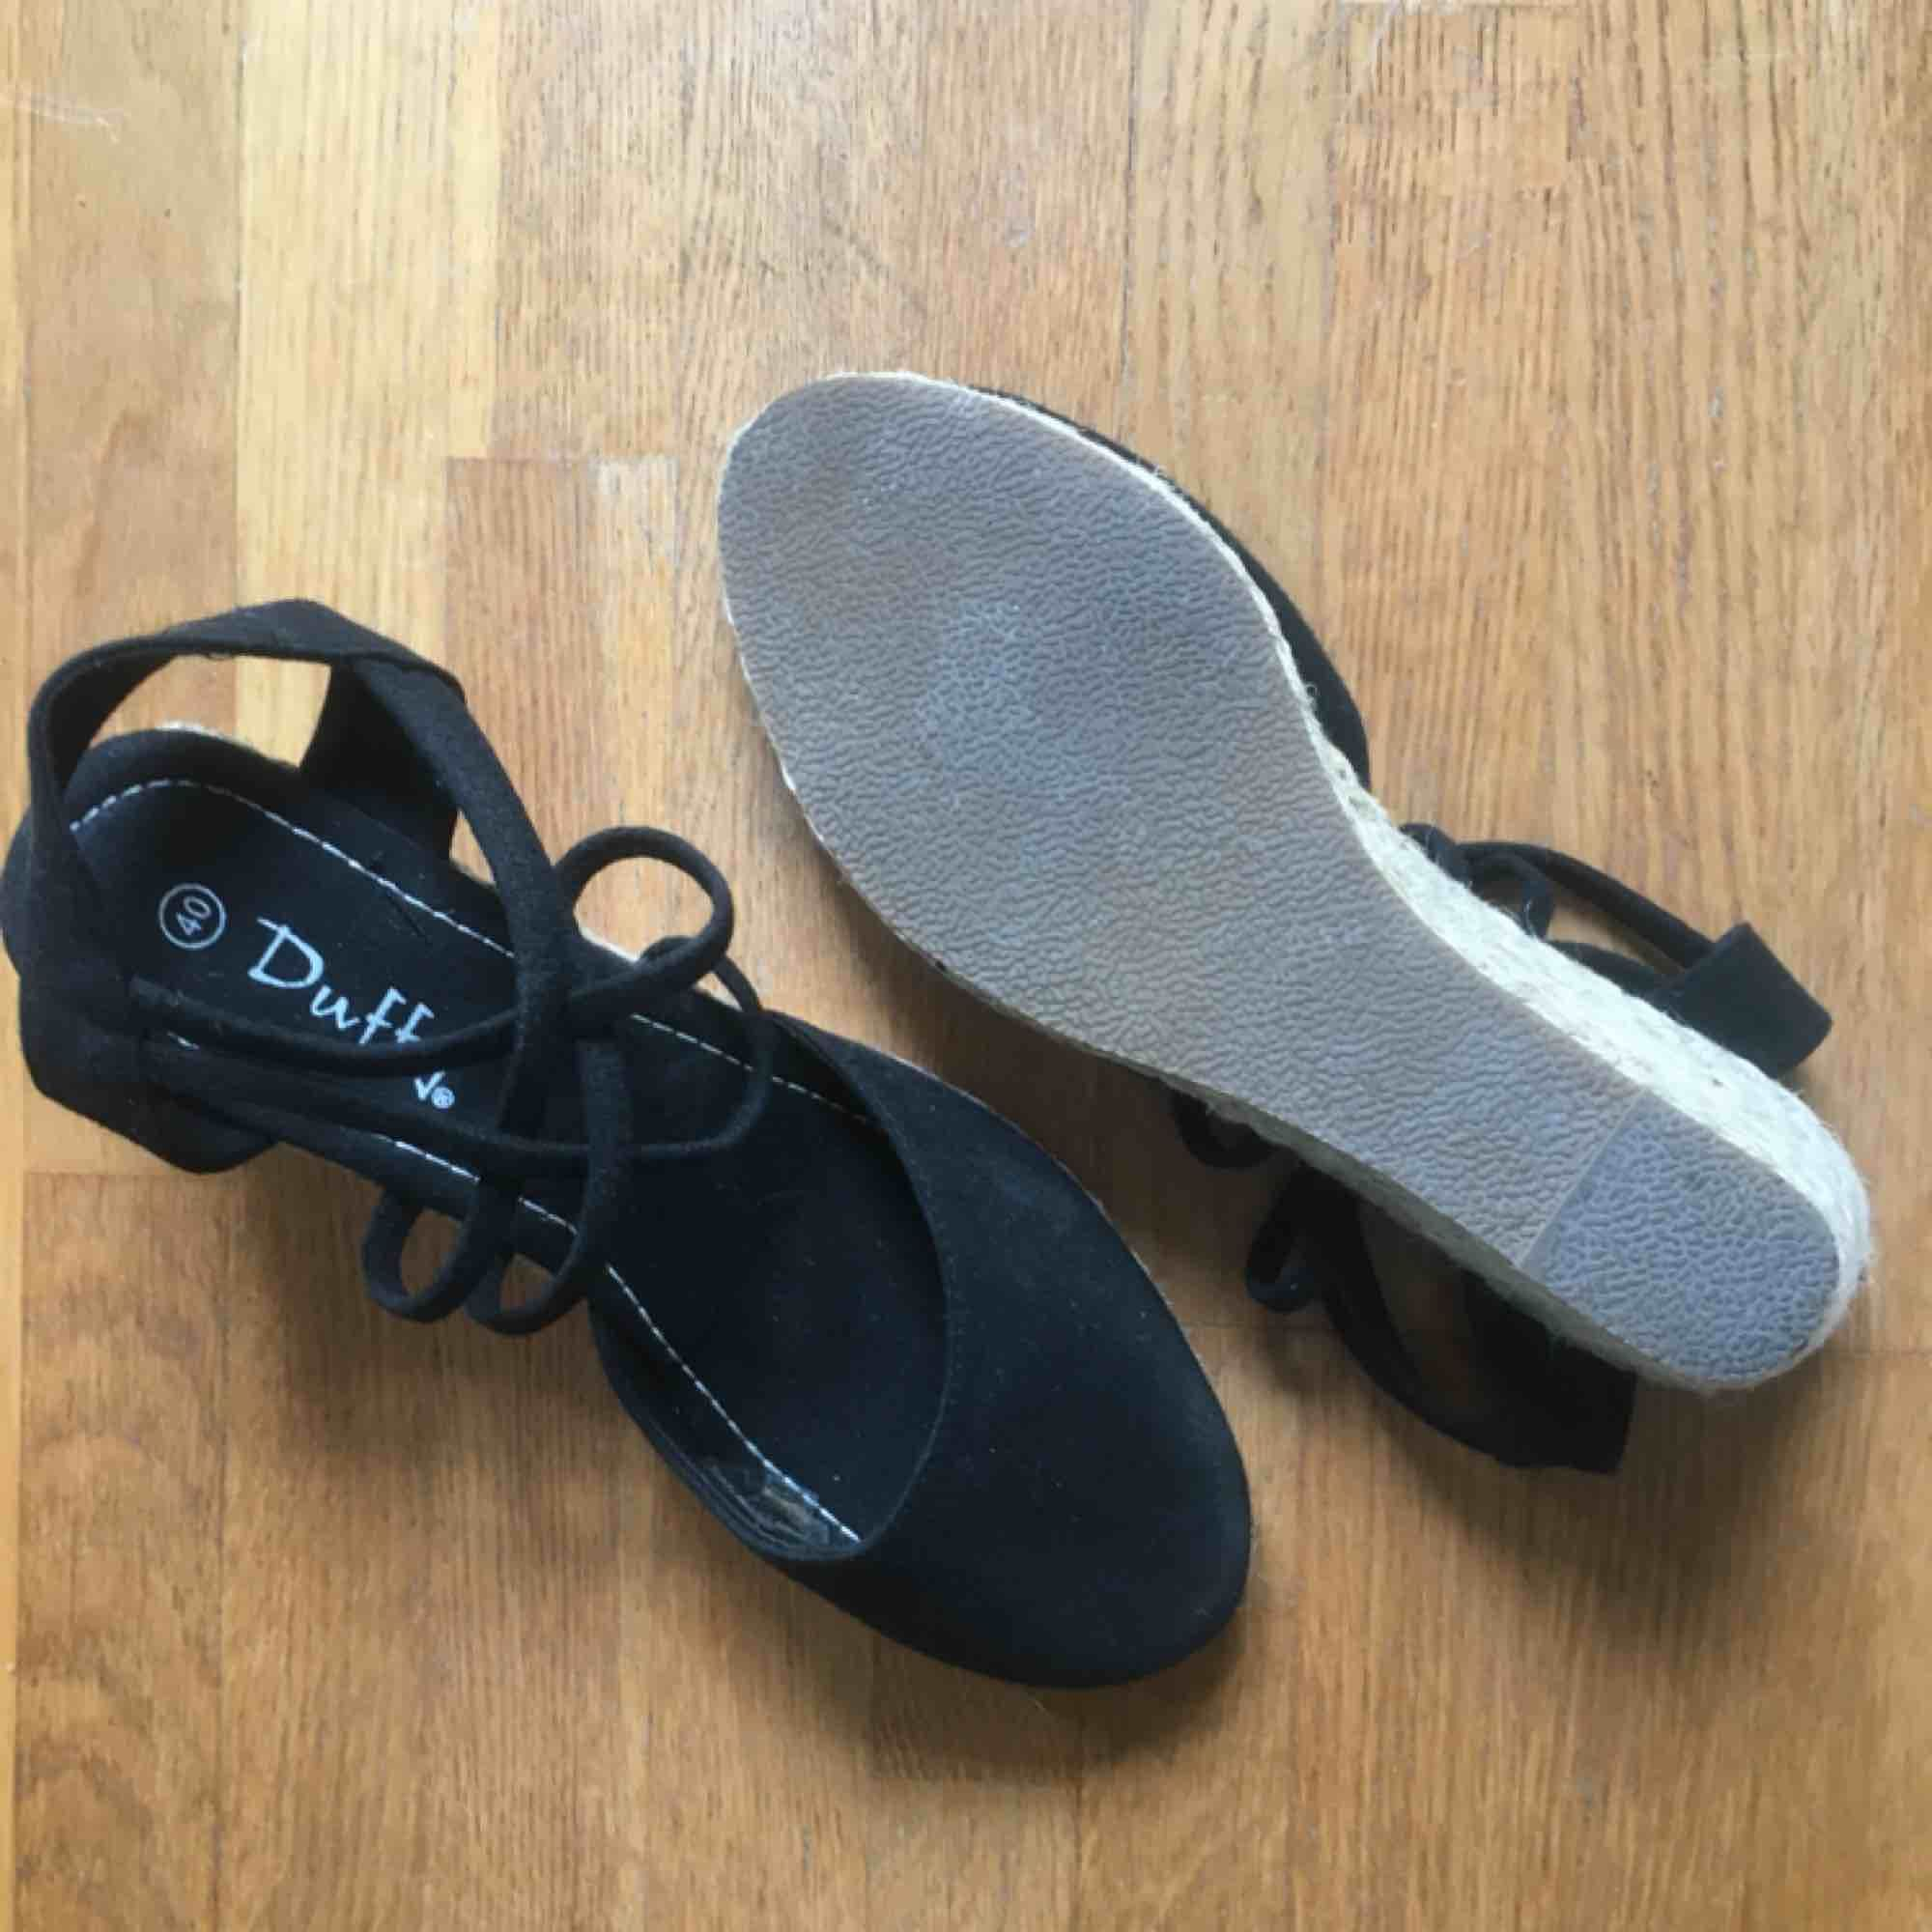 Kilklackssko med bastklack, svarta, storlek 40 (små i storlek), använda en gång. Skor.